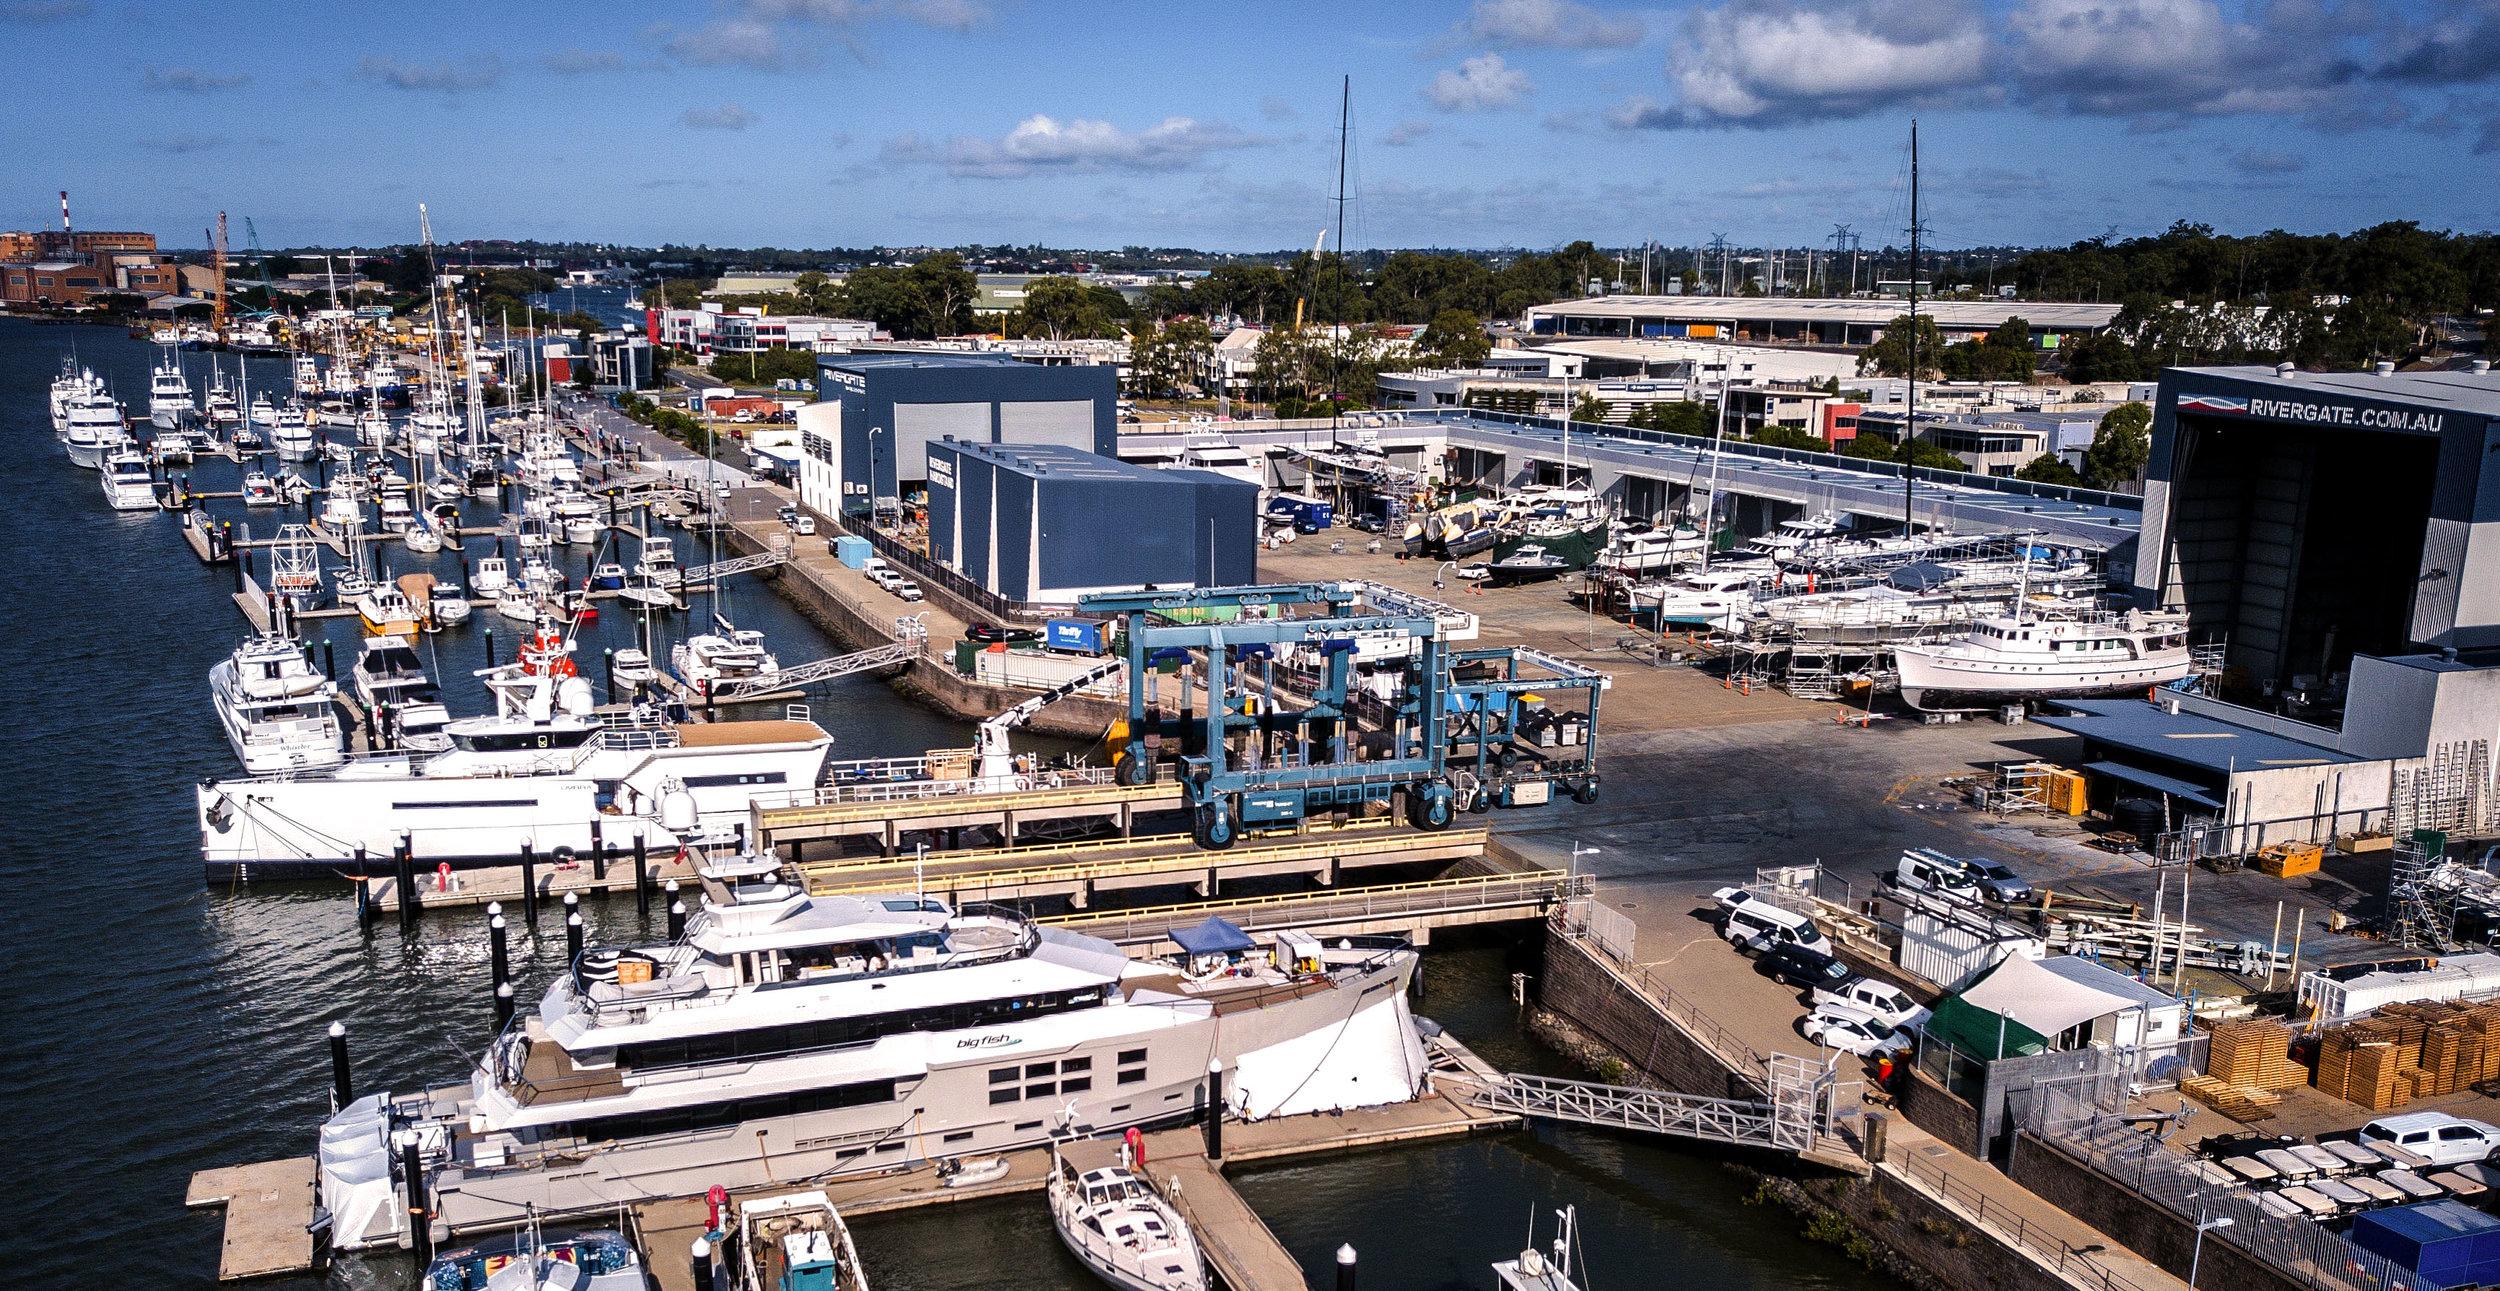 Rivergate shipyars - e news letter April.jpg